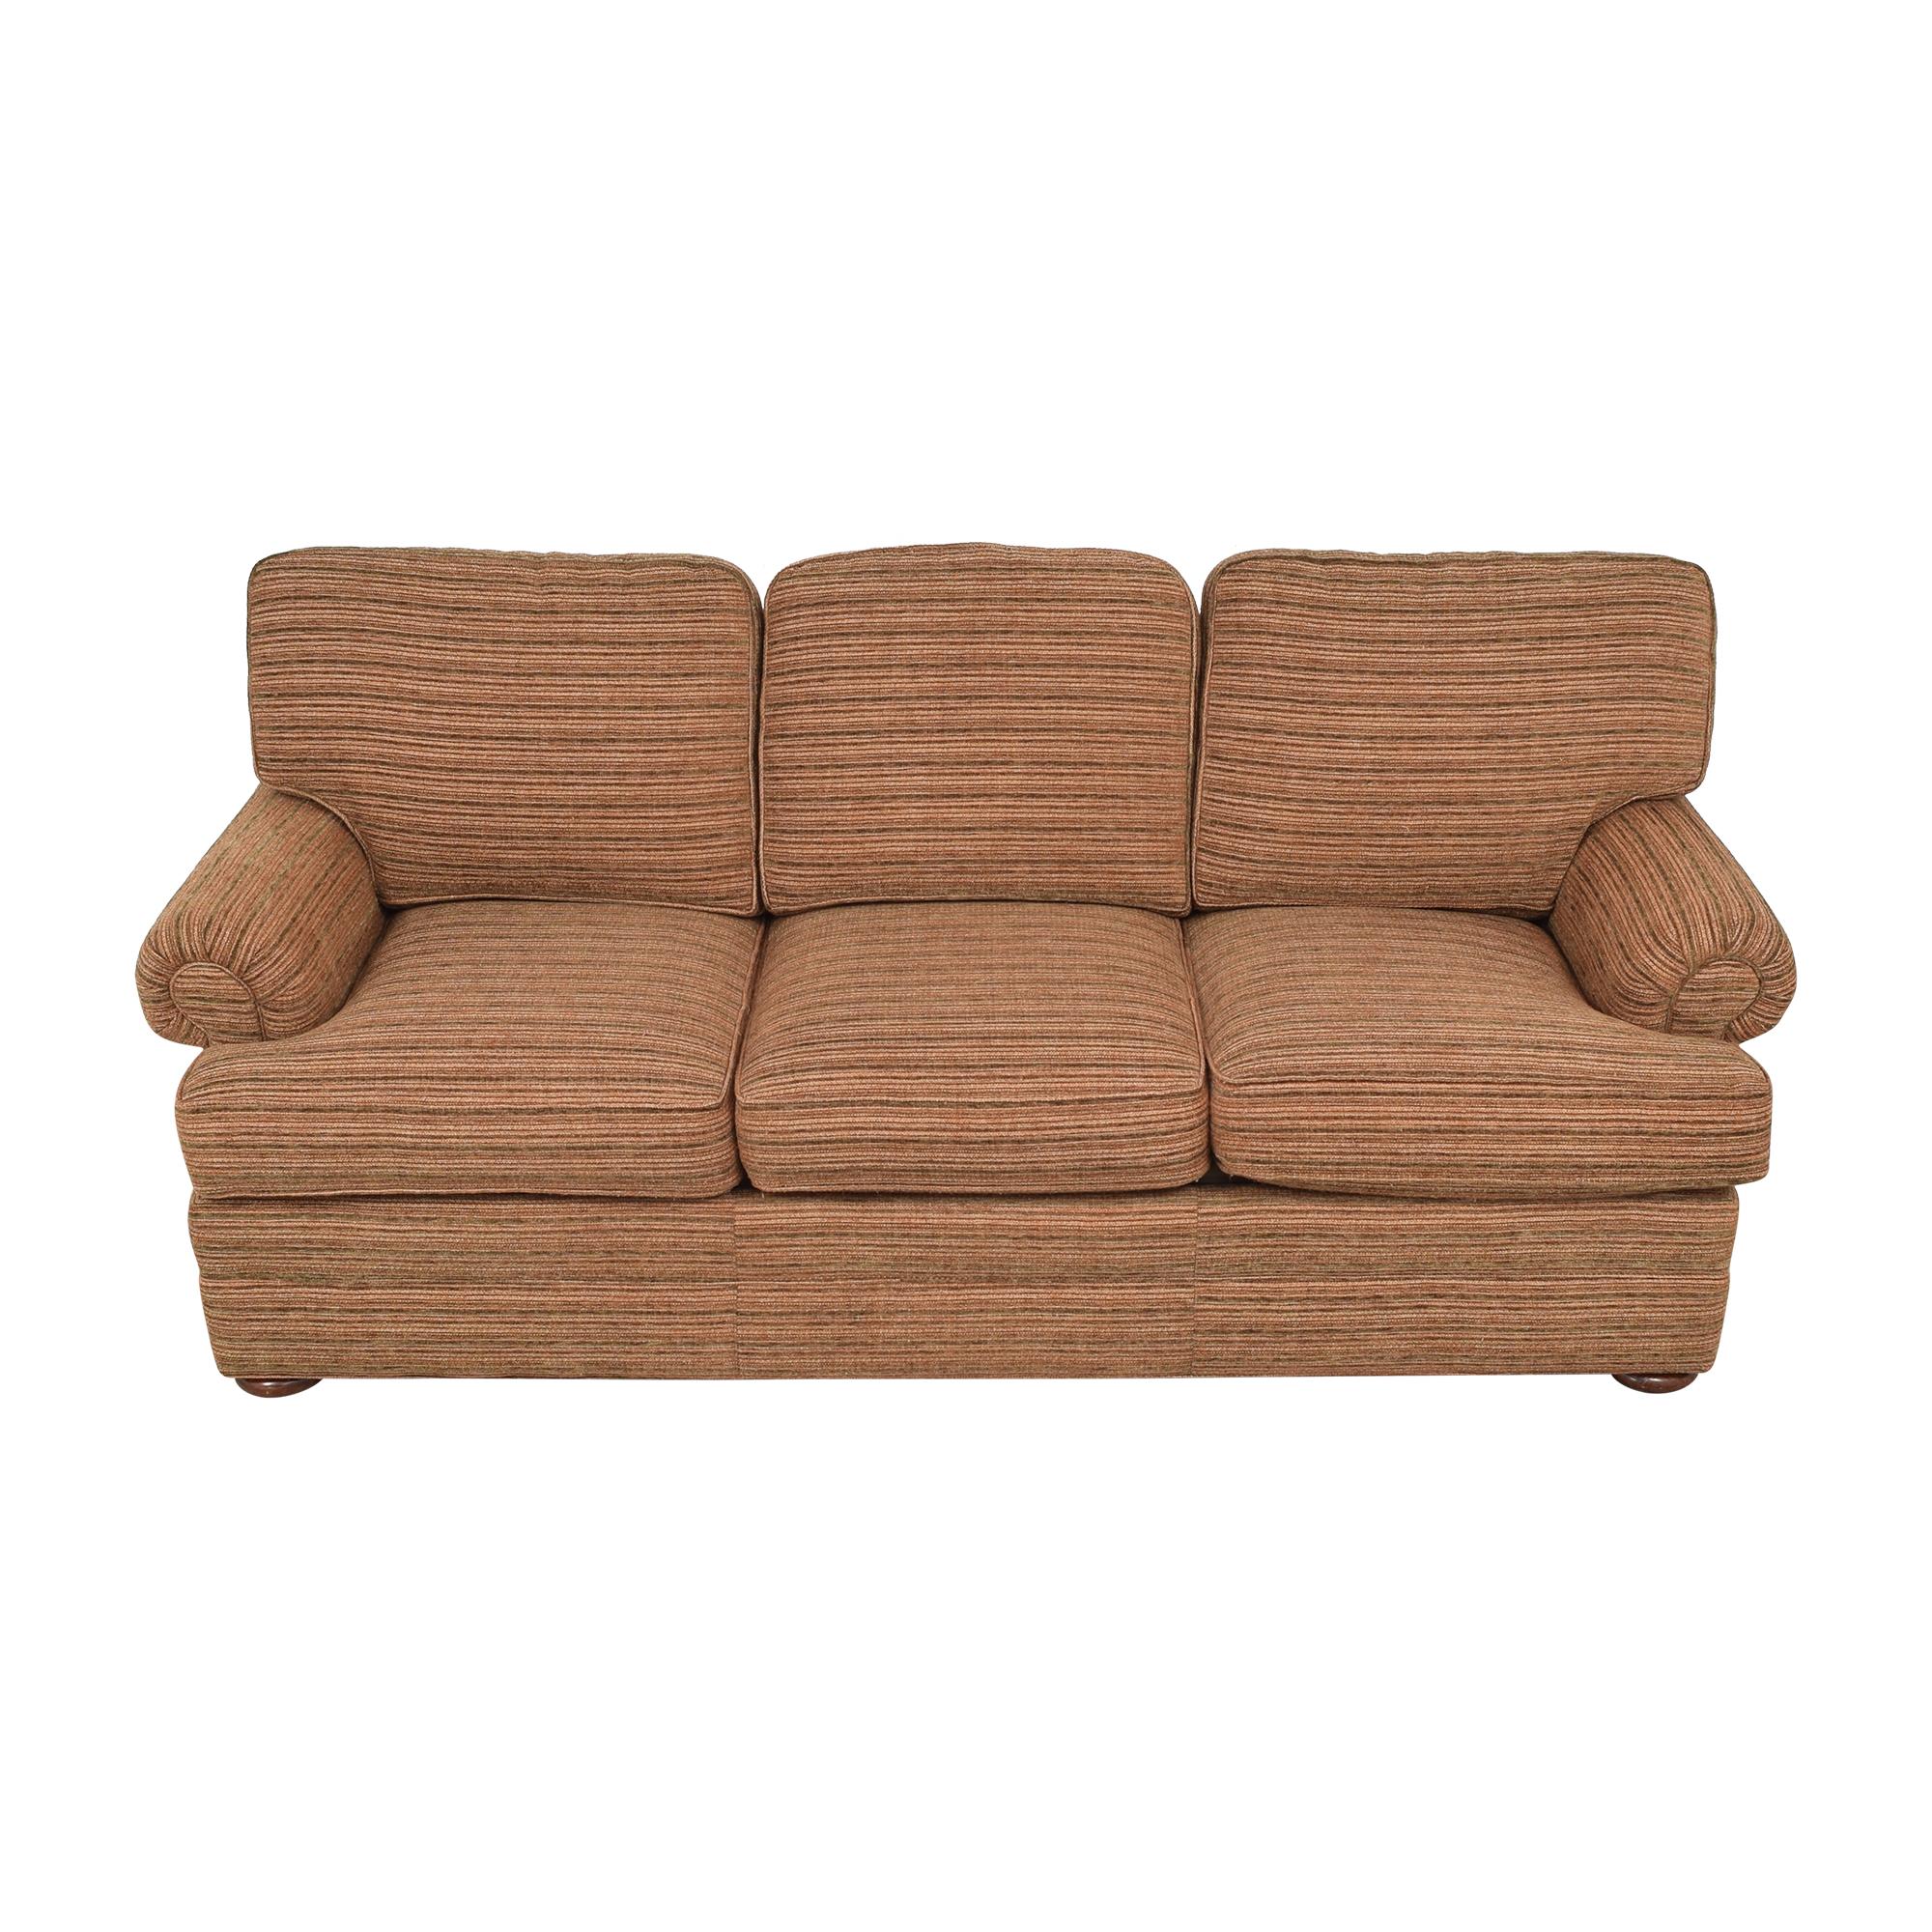 Thomasville Custom Sofa / Classic Sofas